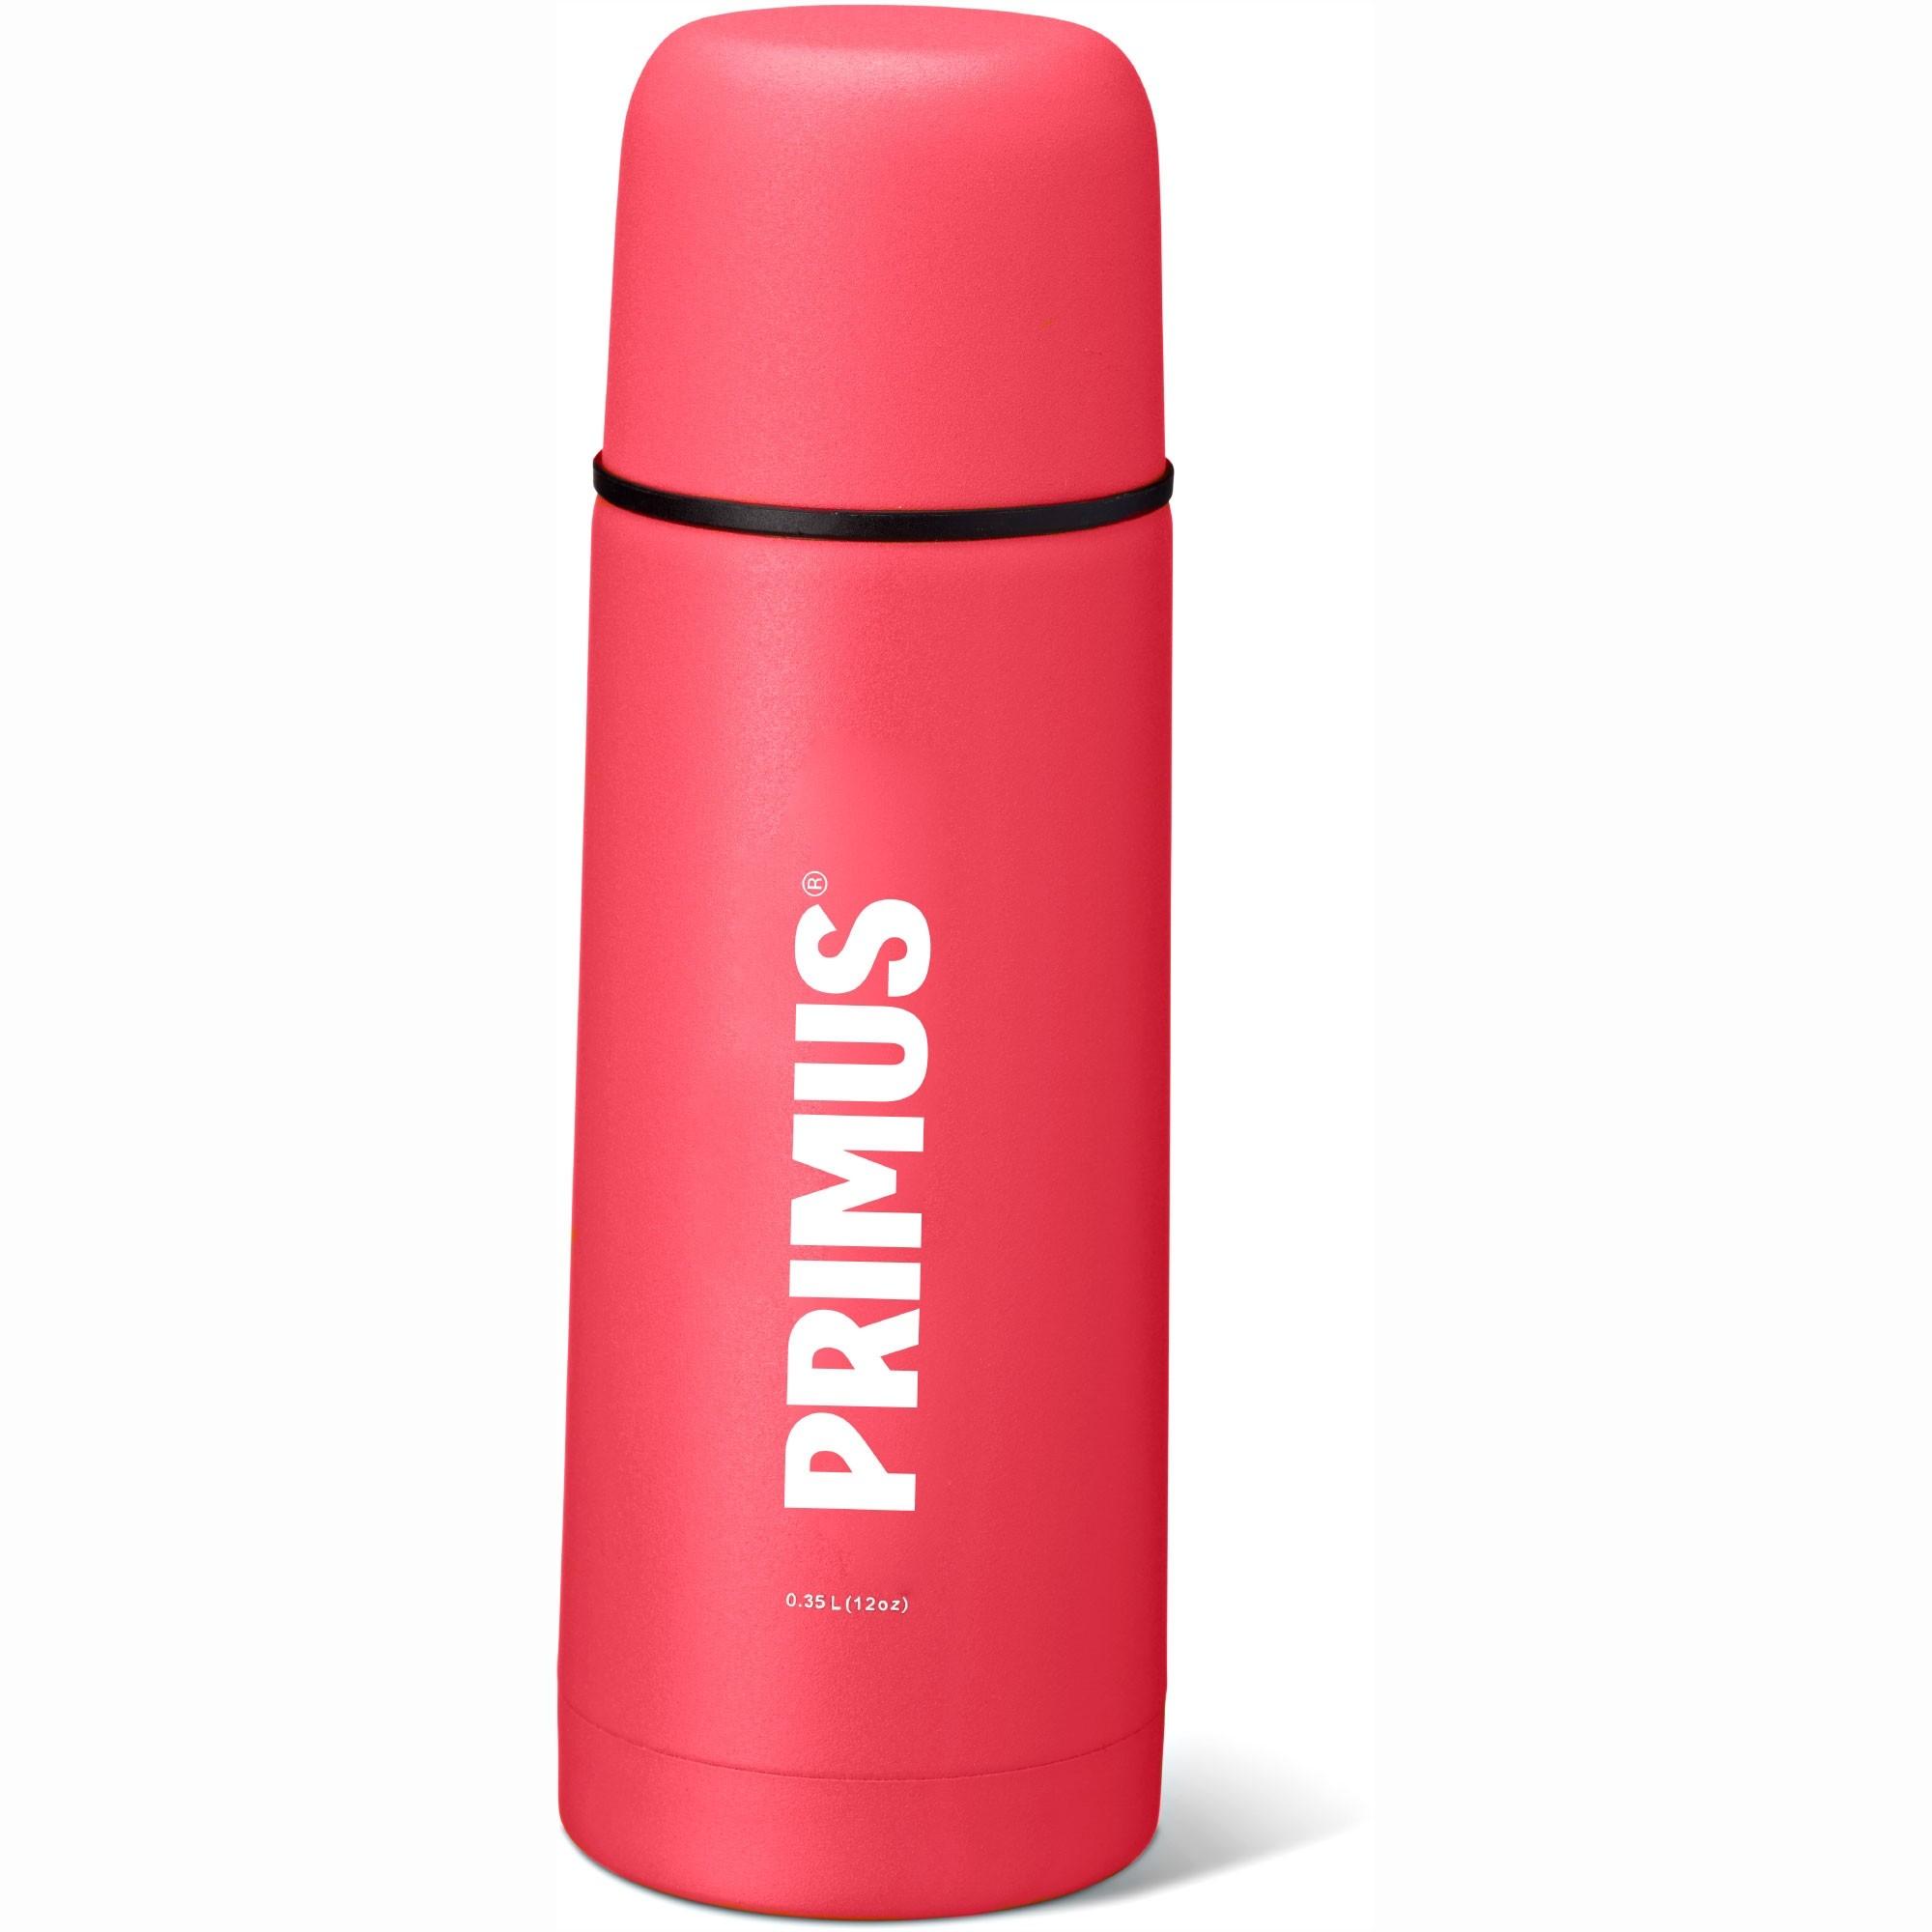 Primus Vacuum Bottle 0.35L - Melon Pink